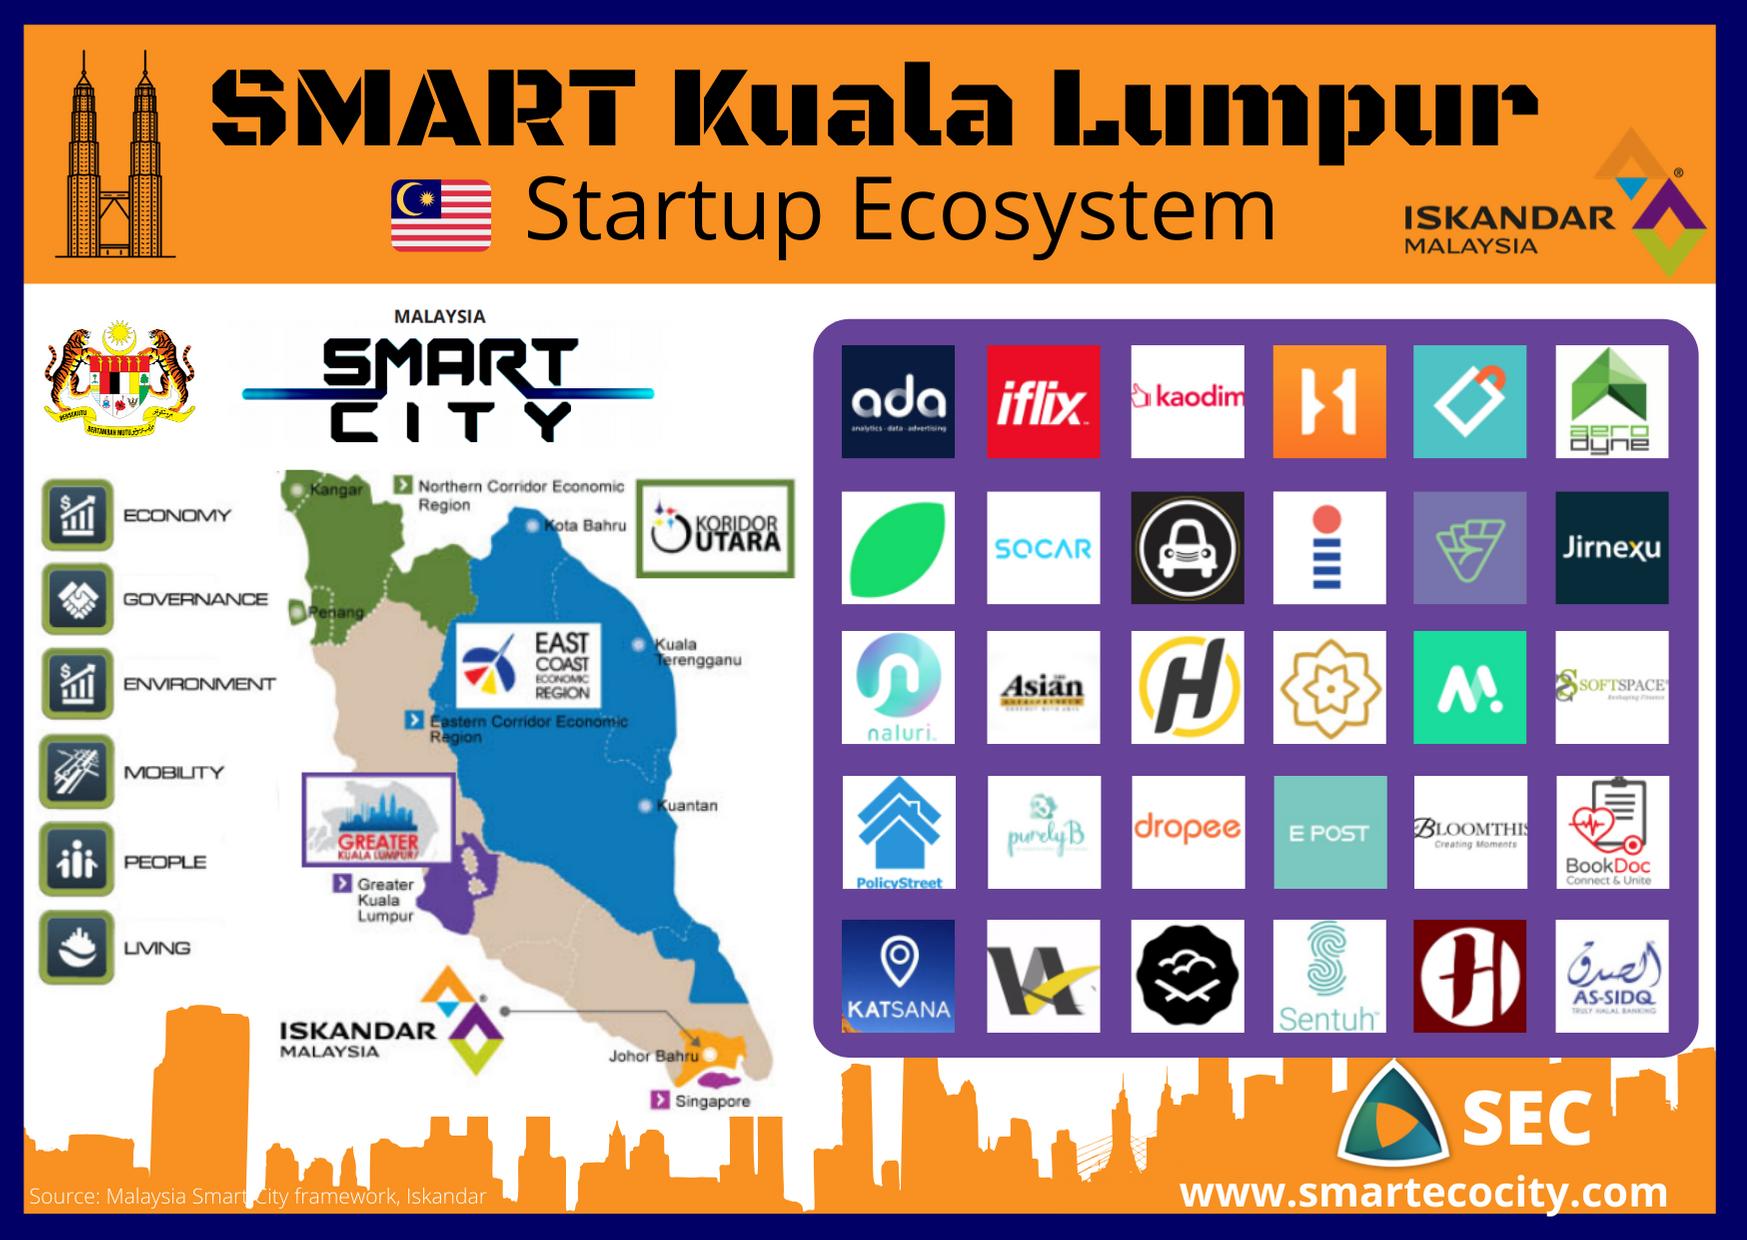 Smart Kuala Lumpur